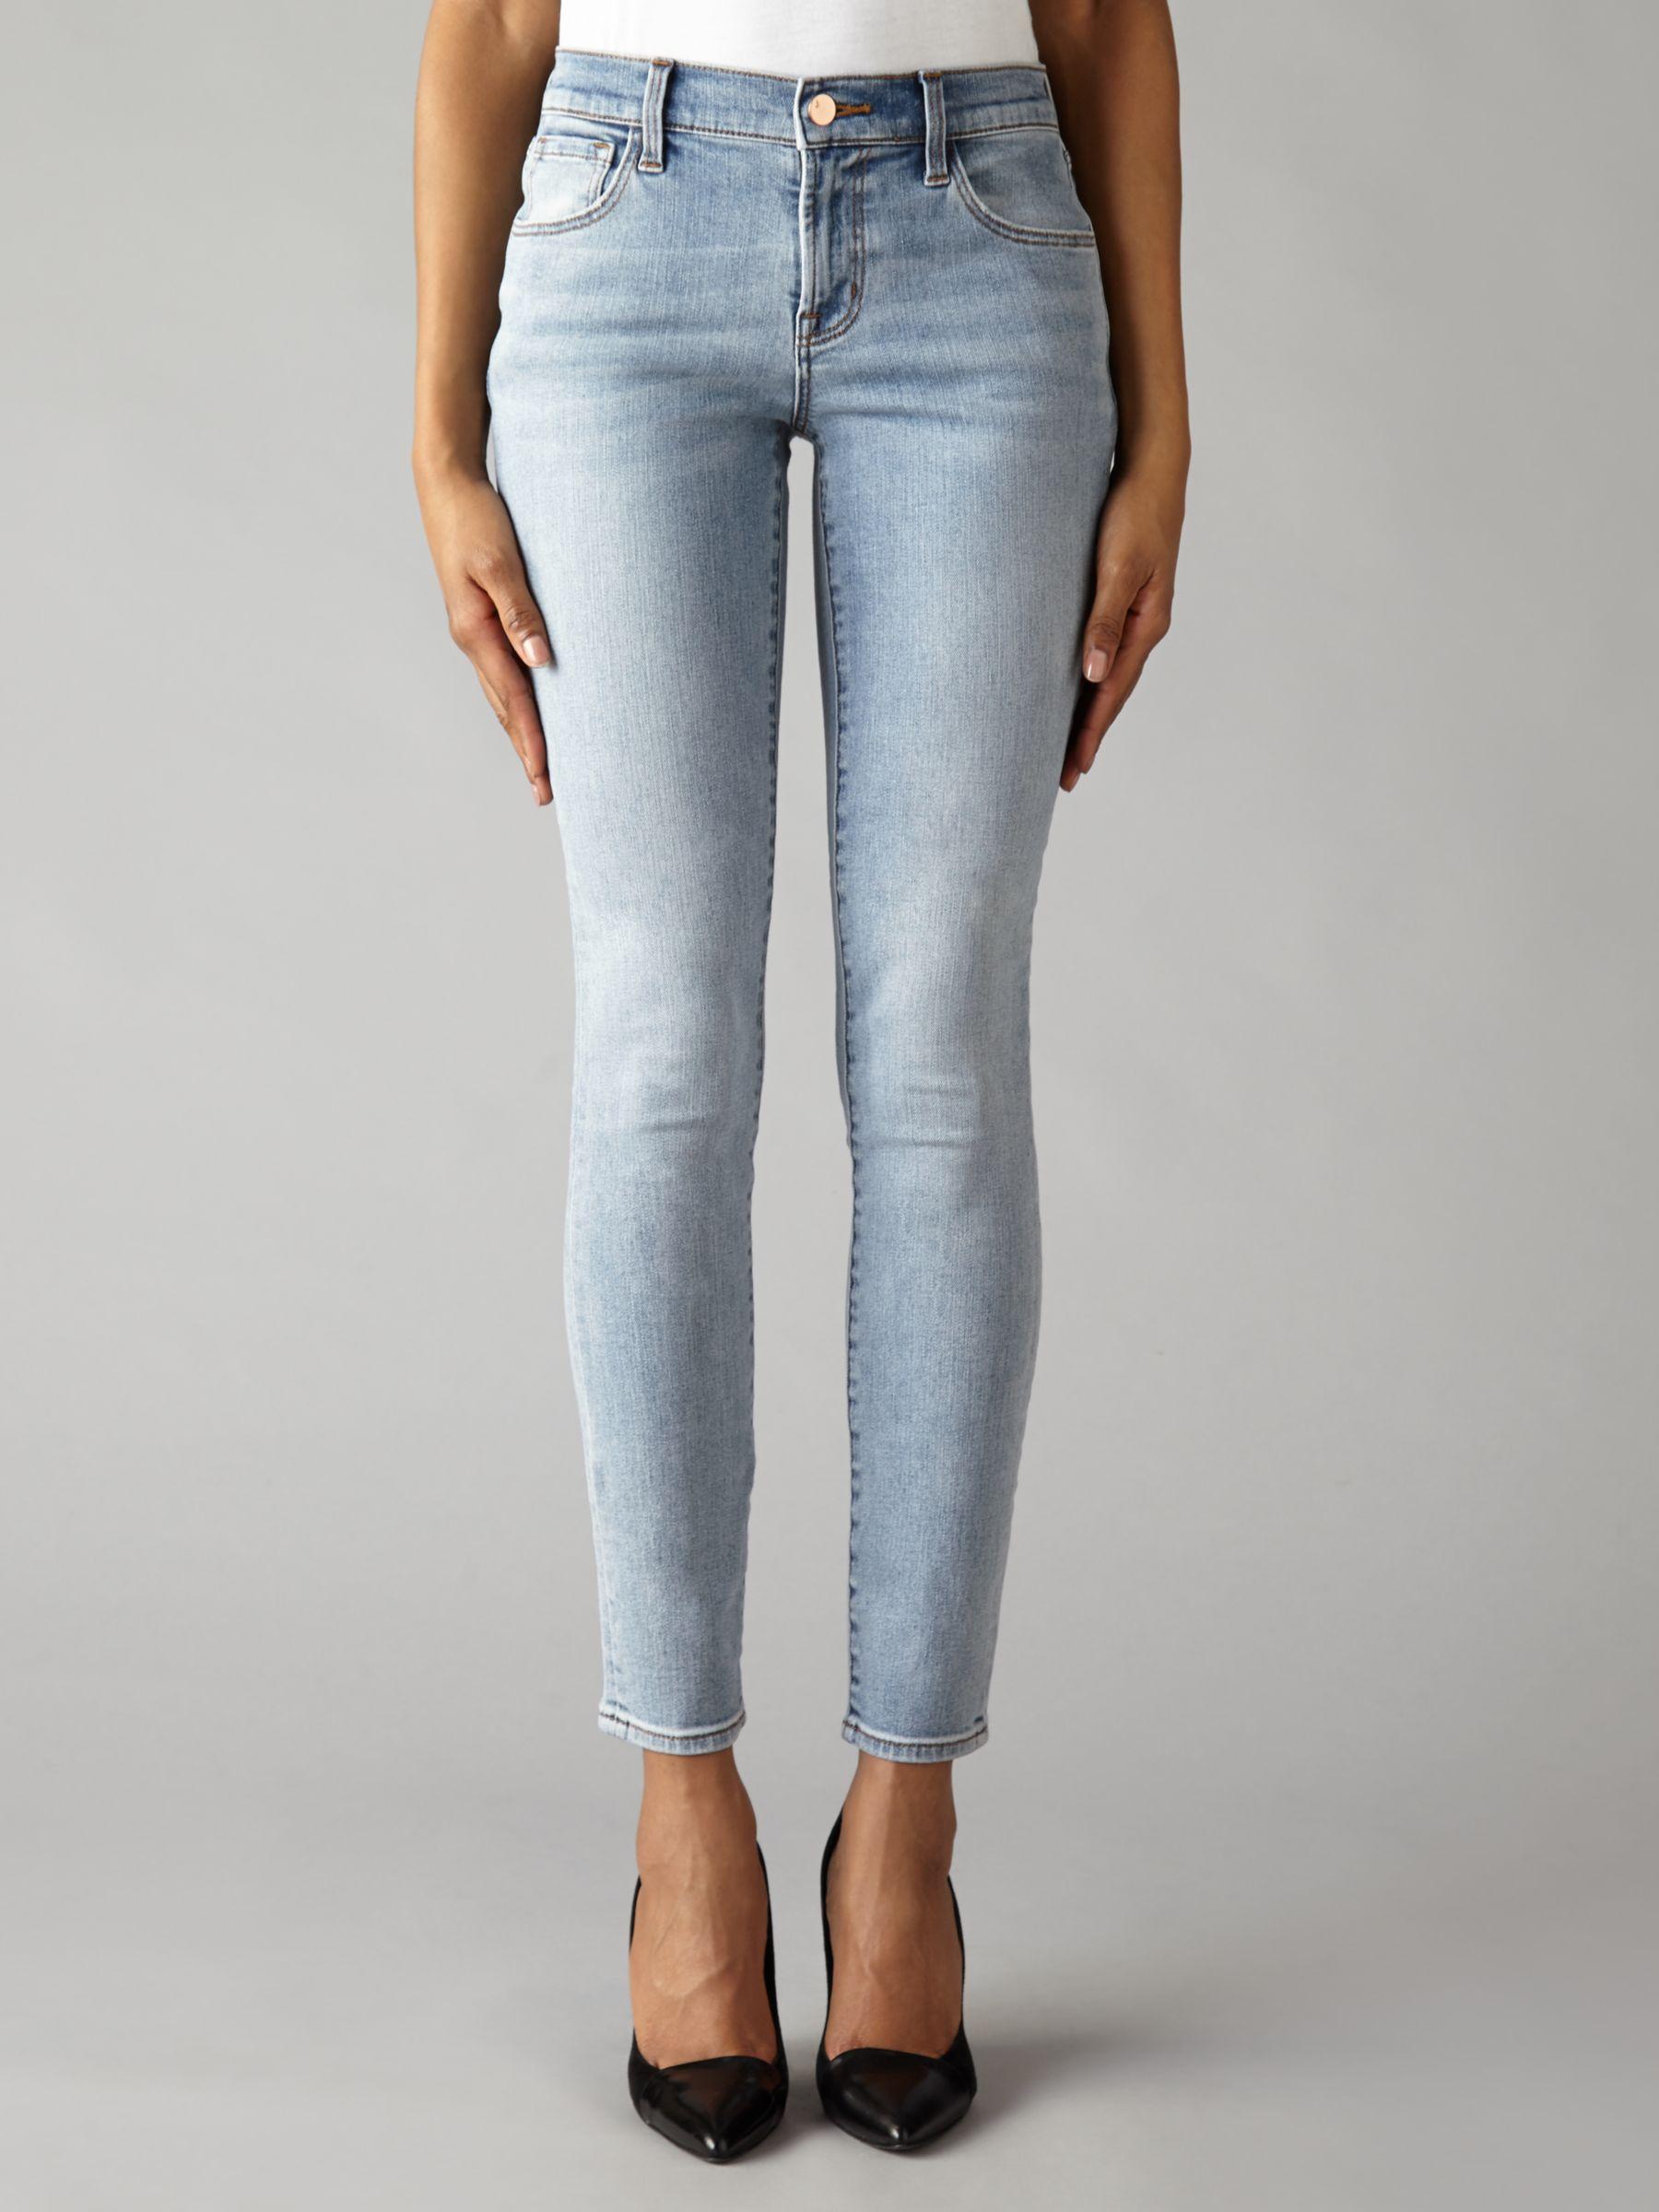 J Brand J Brand Mid Rise Skinny Jeans, Deserted